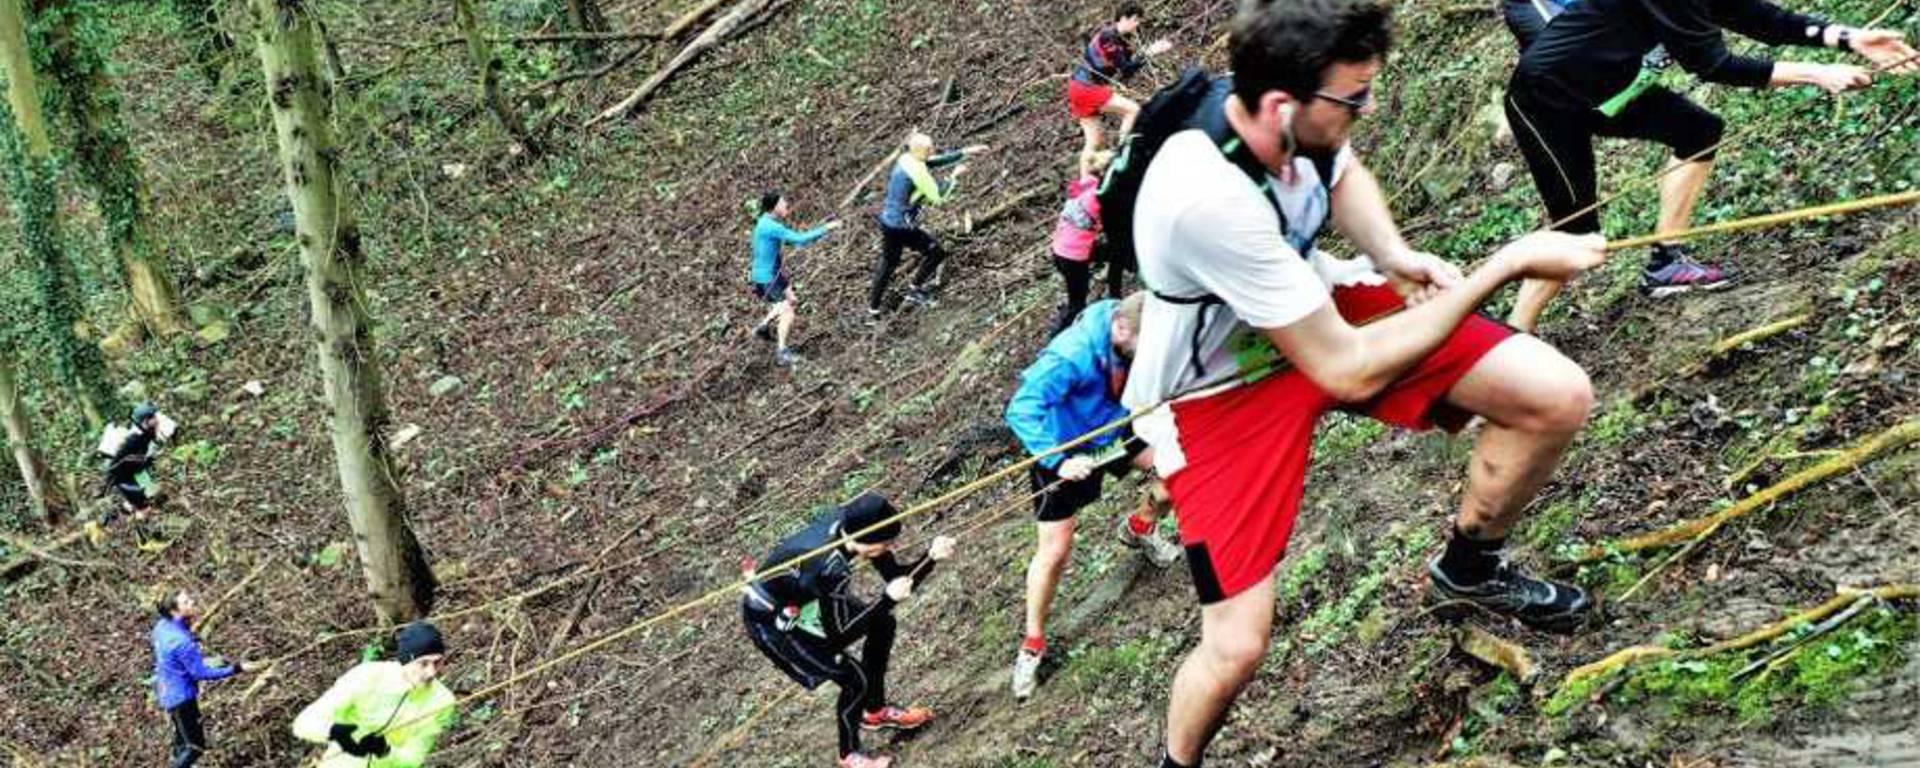 des traileurs escaladant une pente à l'aide de corde